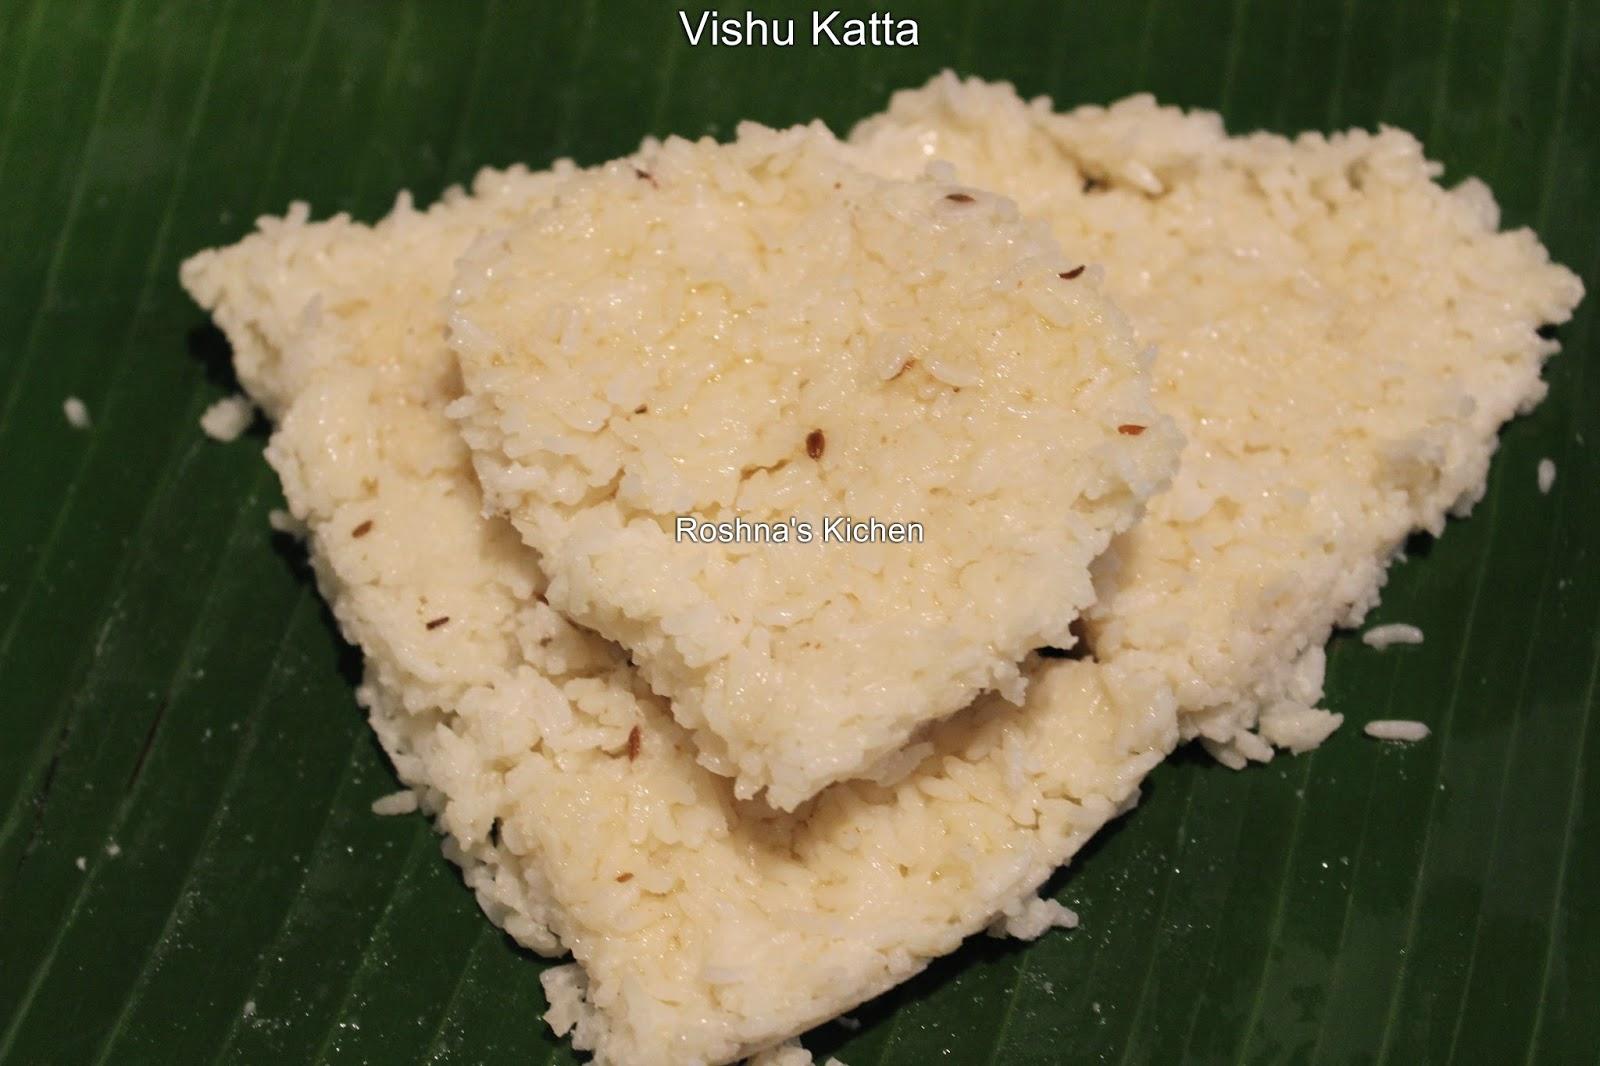 Vishu Katta